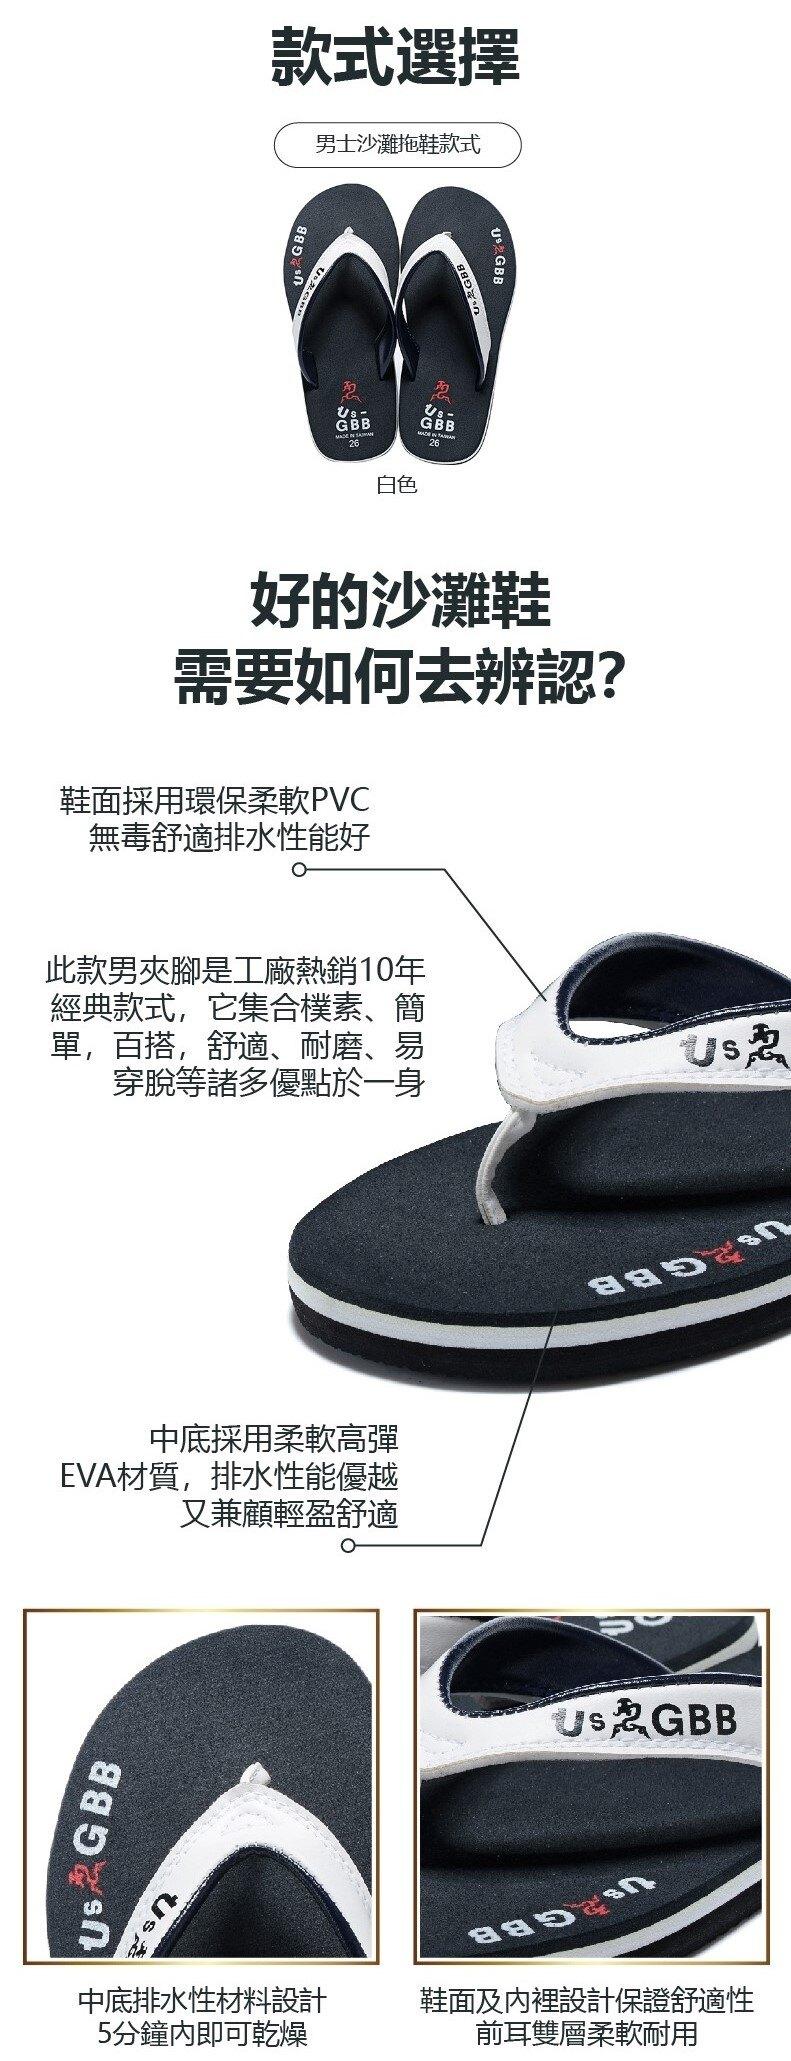 UB藍面白條夾腳拖鞋 顏色 : 白色 人字拖 海灘拖鞋 海灘鞋